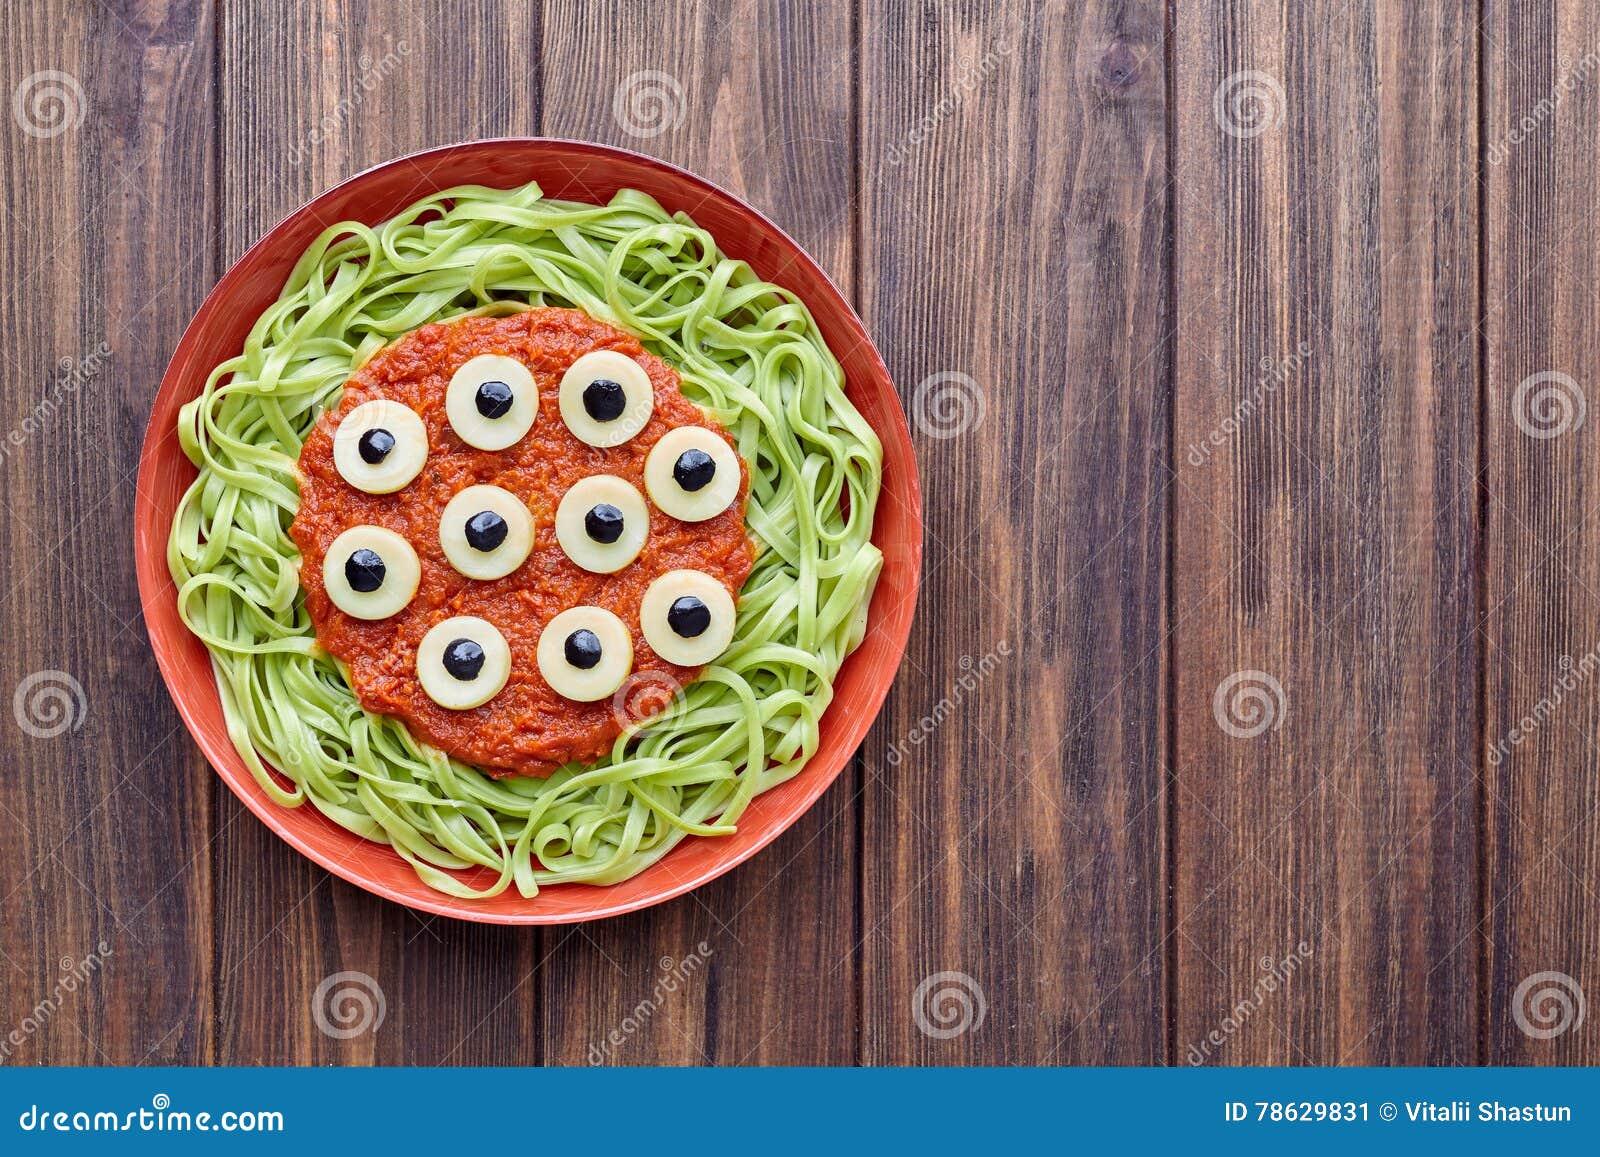 Zielonego spaghetti kreatywnie makaronu Halloween przyjęcia jedzenia straszny potwór